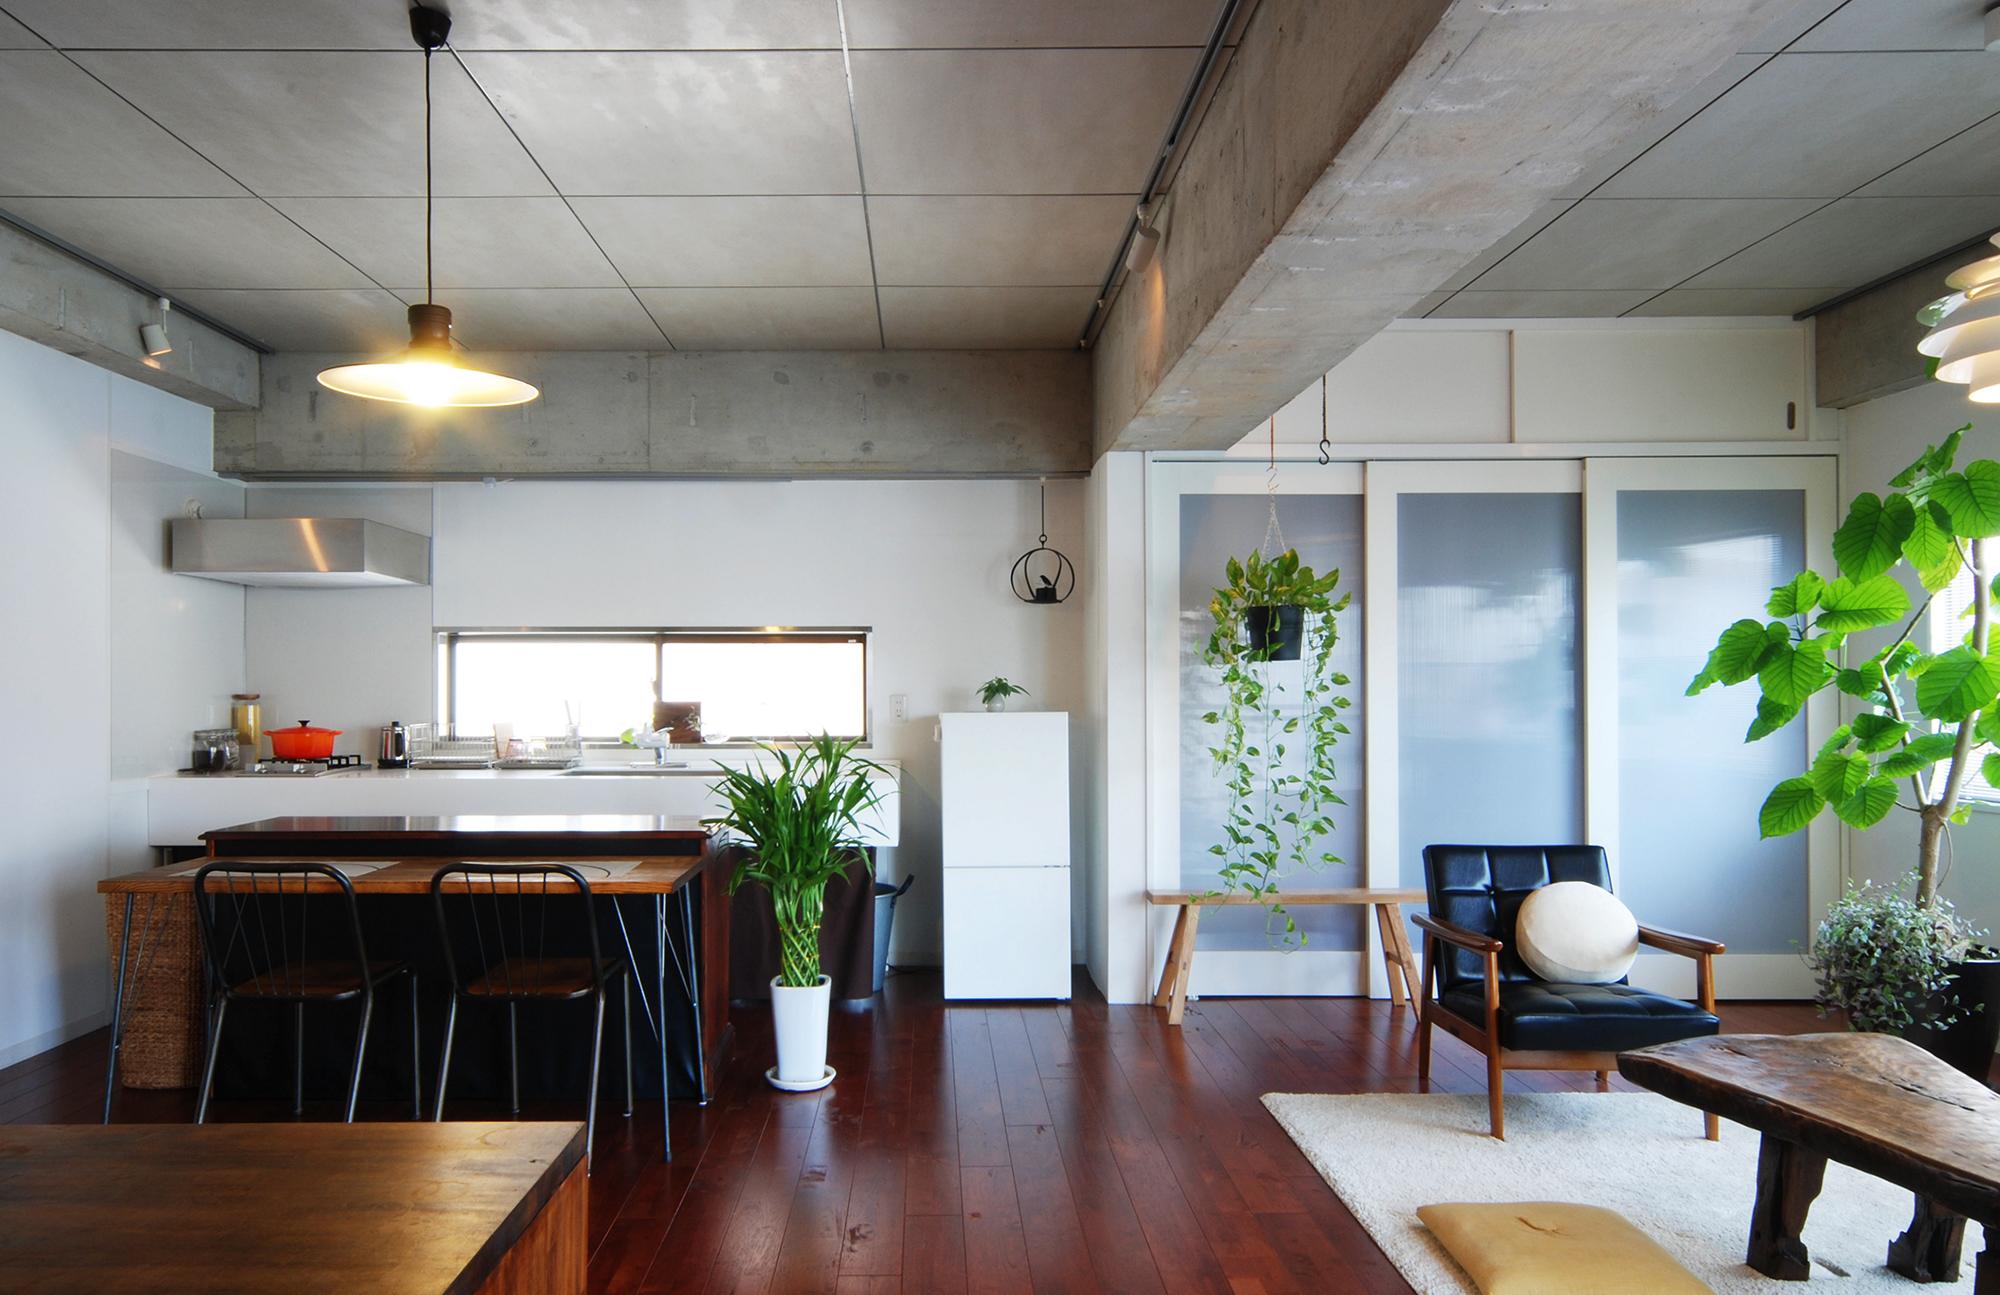 「Re-CRAFT」のリノベーション事例「ホームパーティを楽しむオープンな空間」